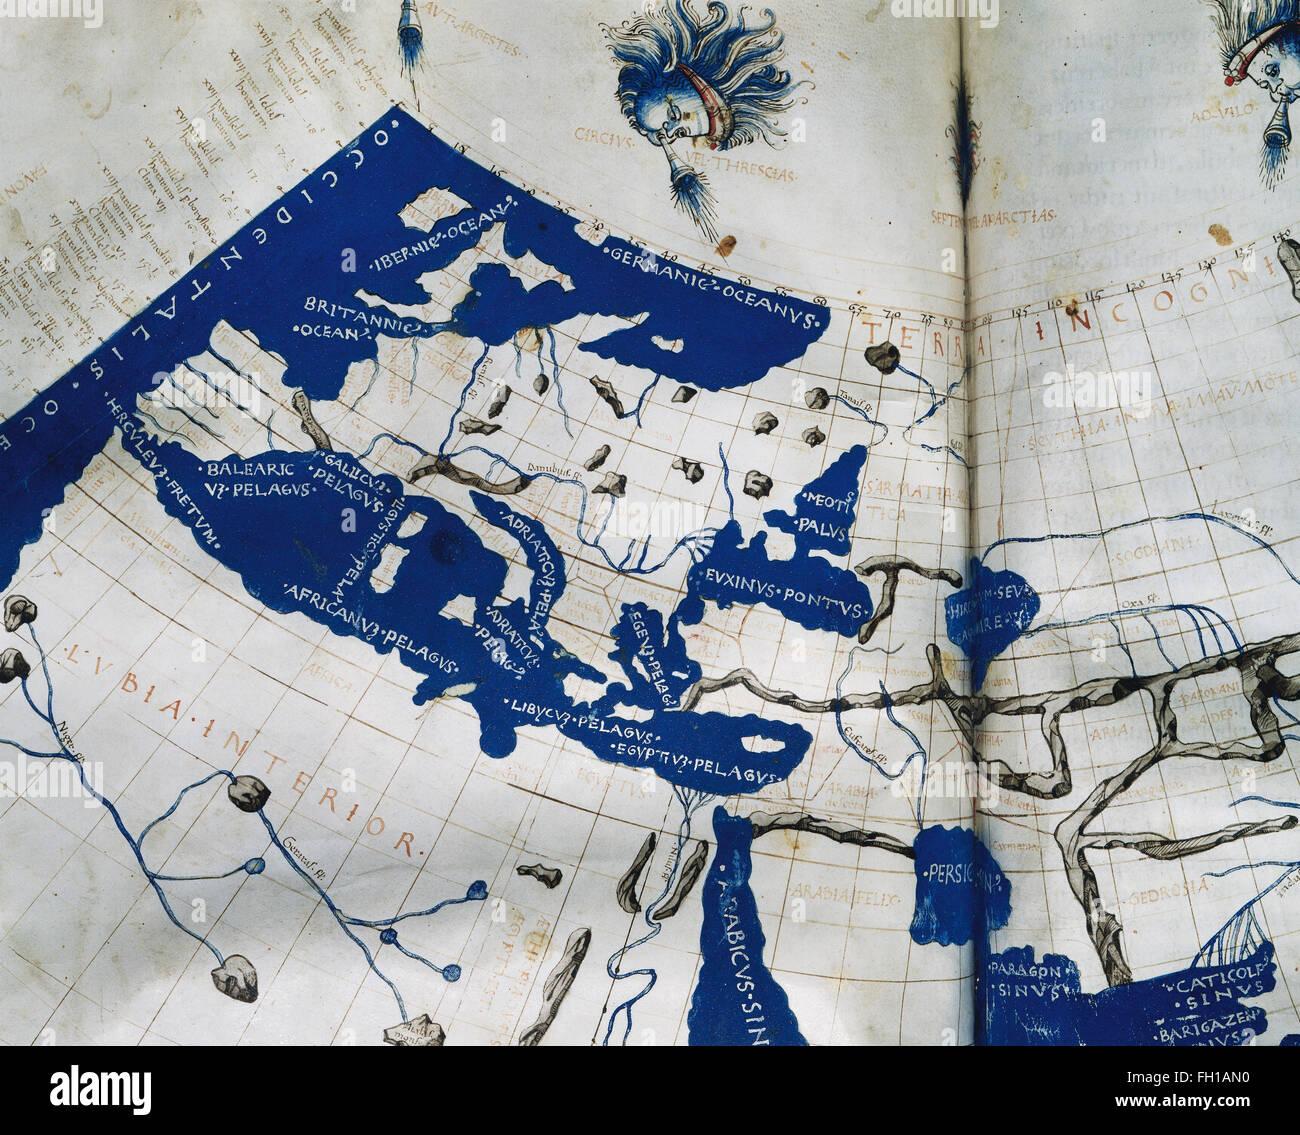 Manuskript Kopieren des Ptolemäus (100-170 n. Chr.) Weltkarte, Rekonstitution von Ptolemäus Geographie Stockbild